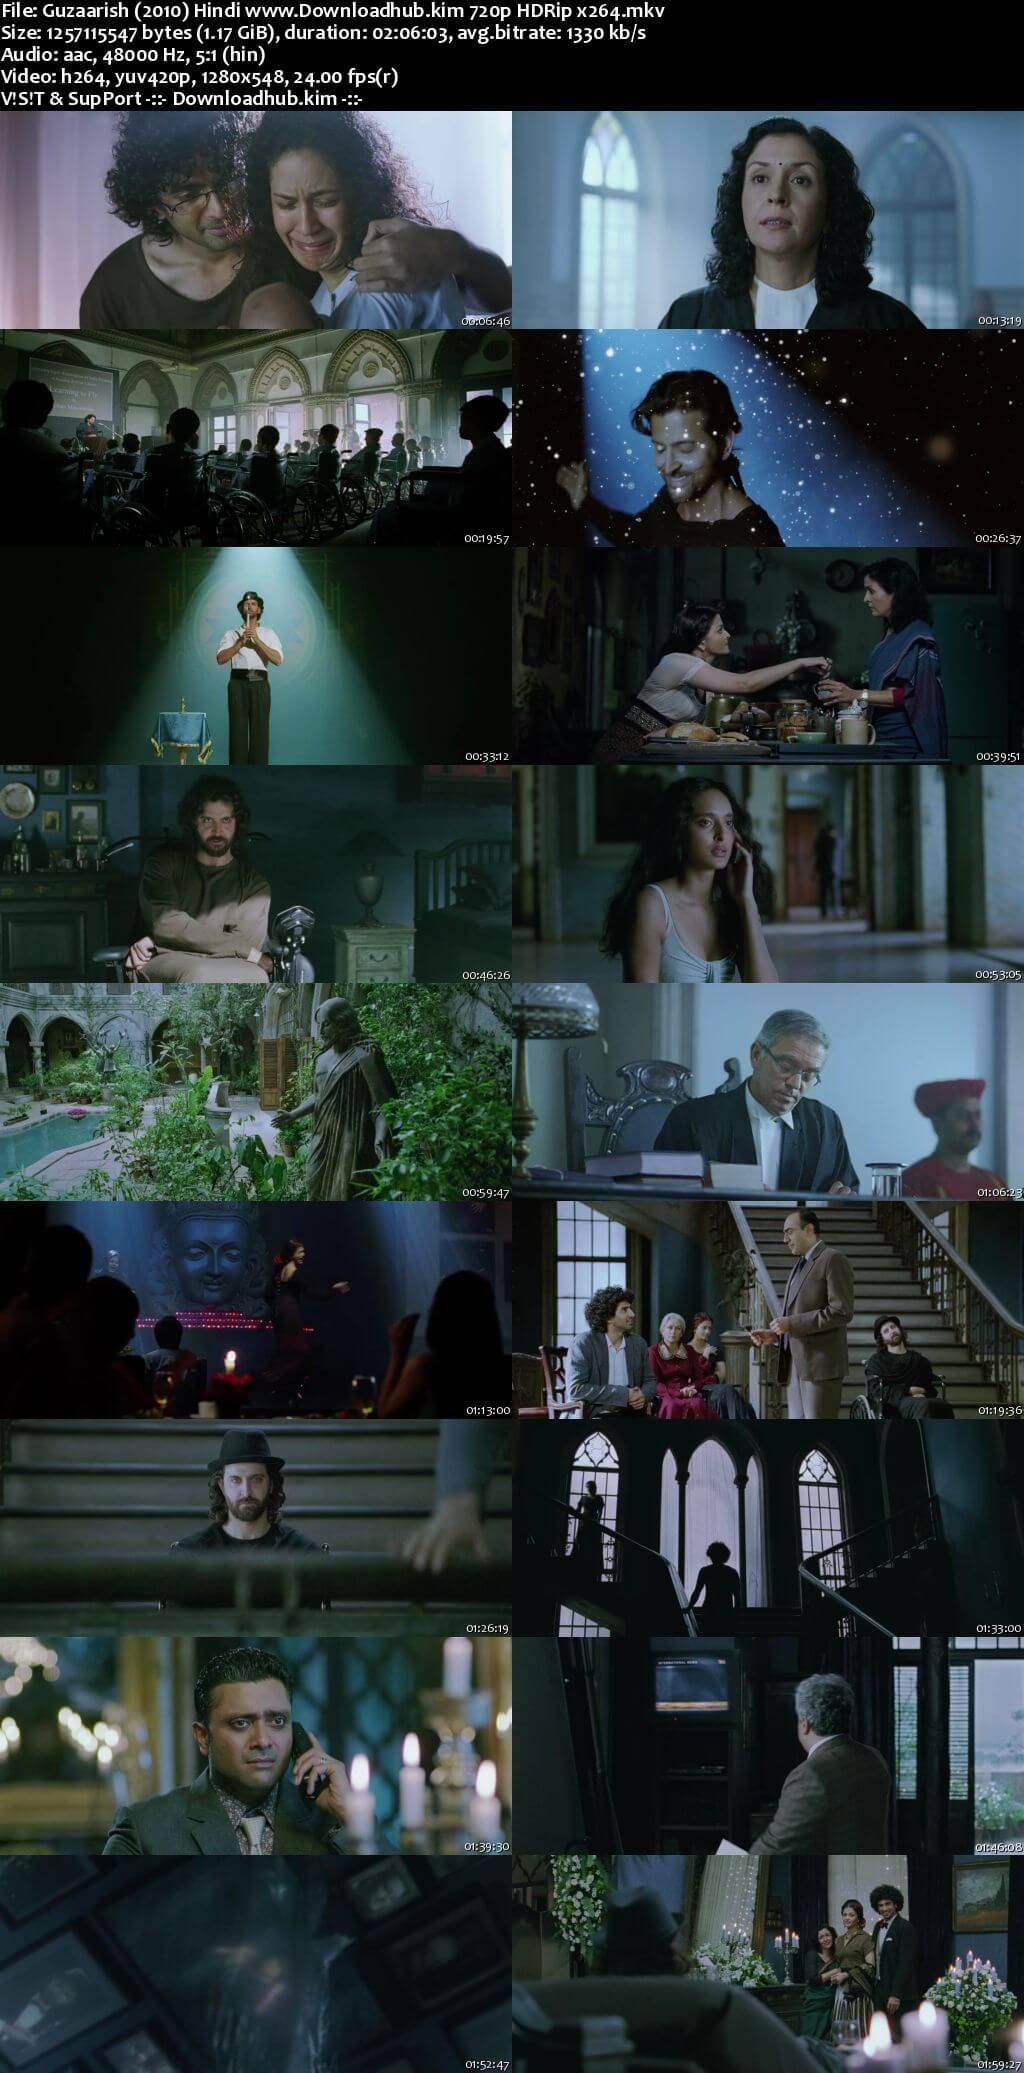 Guzaarish 2010 Hindi 720p HDRip x264